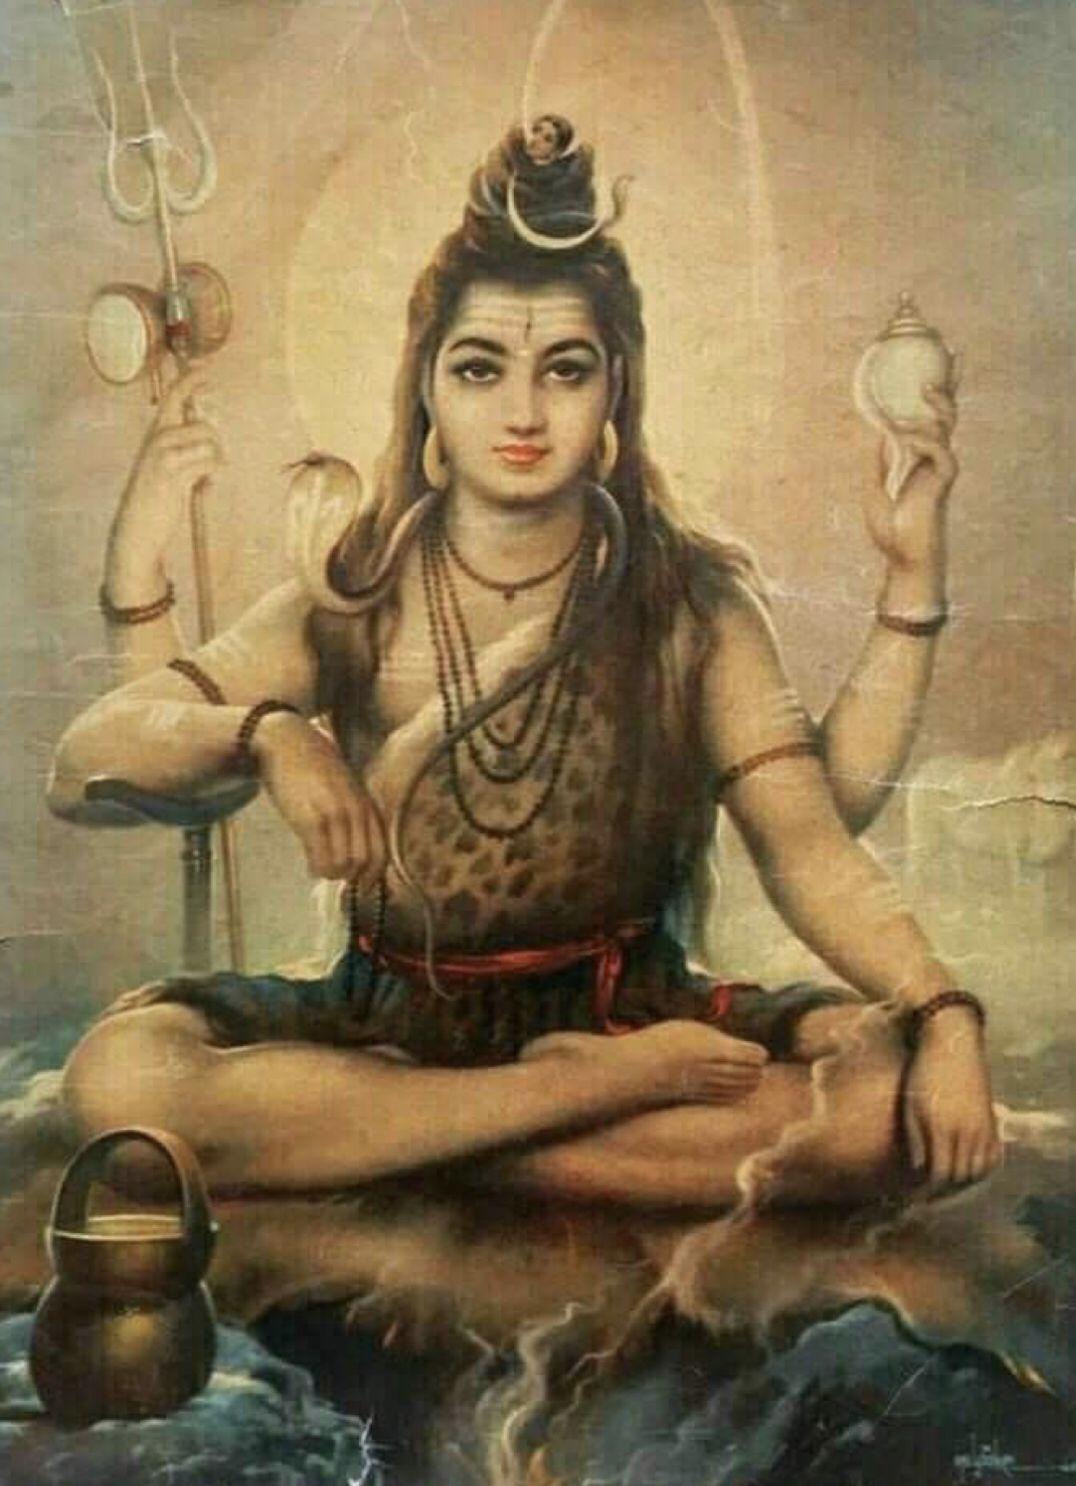 Pin By Louise Ellis On Ashtanga Yoga With Images Rudra Shiva God Shiva Shiva